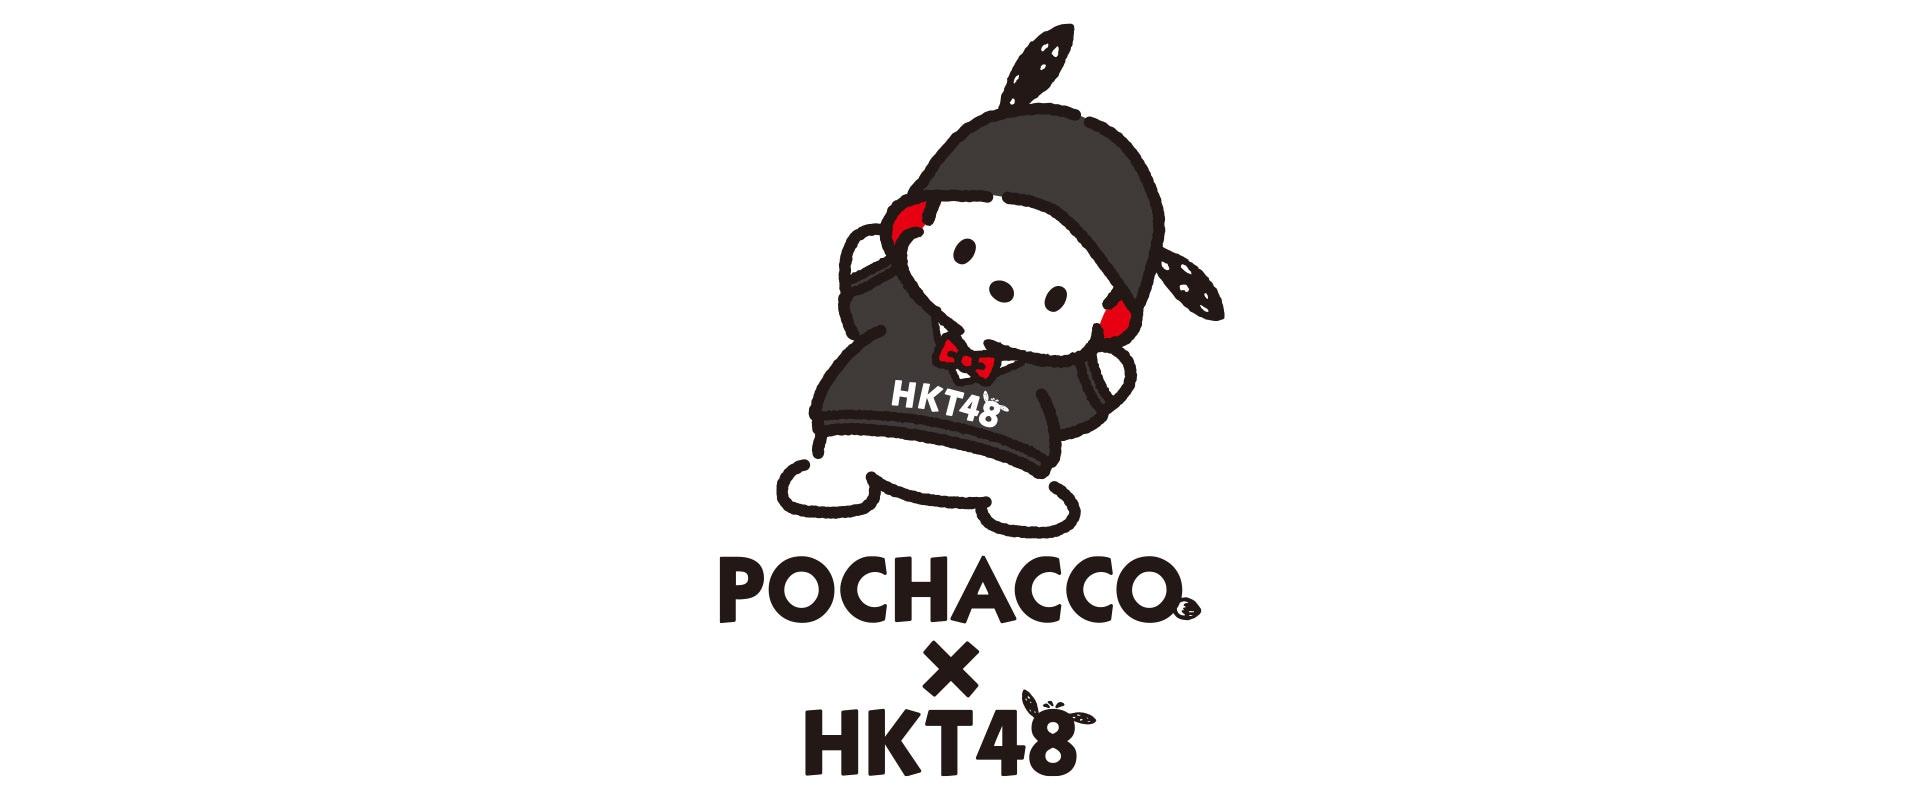 HKT48×ポチャッコ